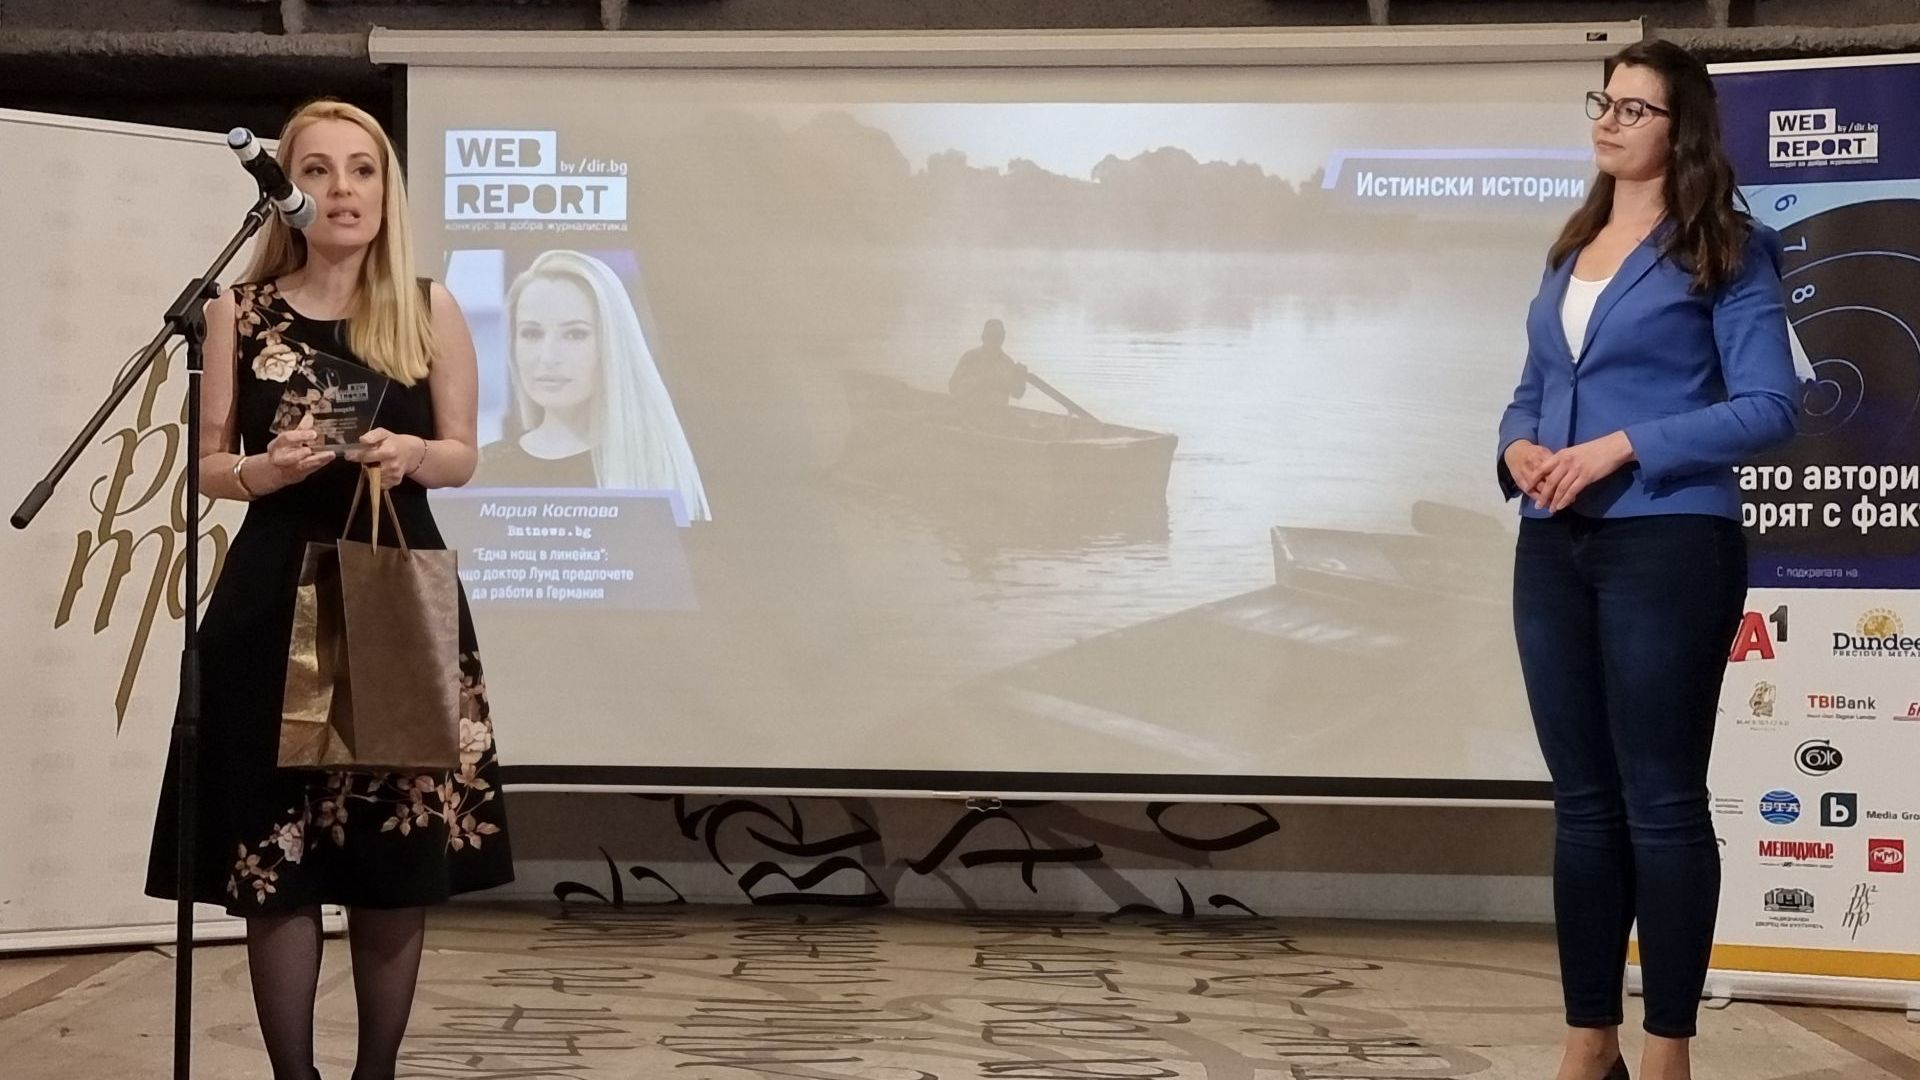 Кристияна Стойнева, Специалист маркетинг и реклама, Black Sea Gold, връчи наградата на Мария Костова от БНТ.